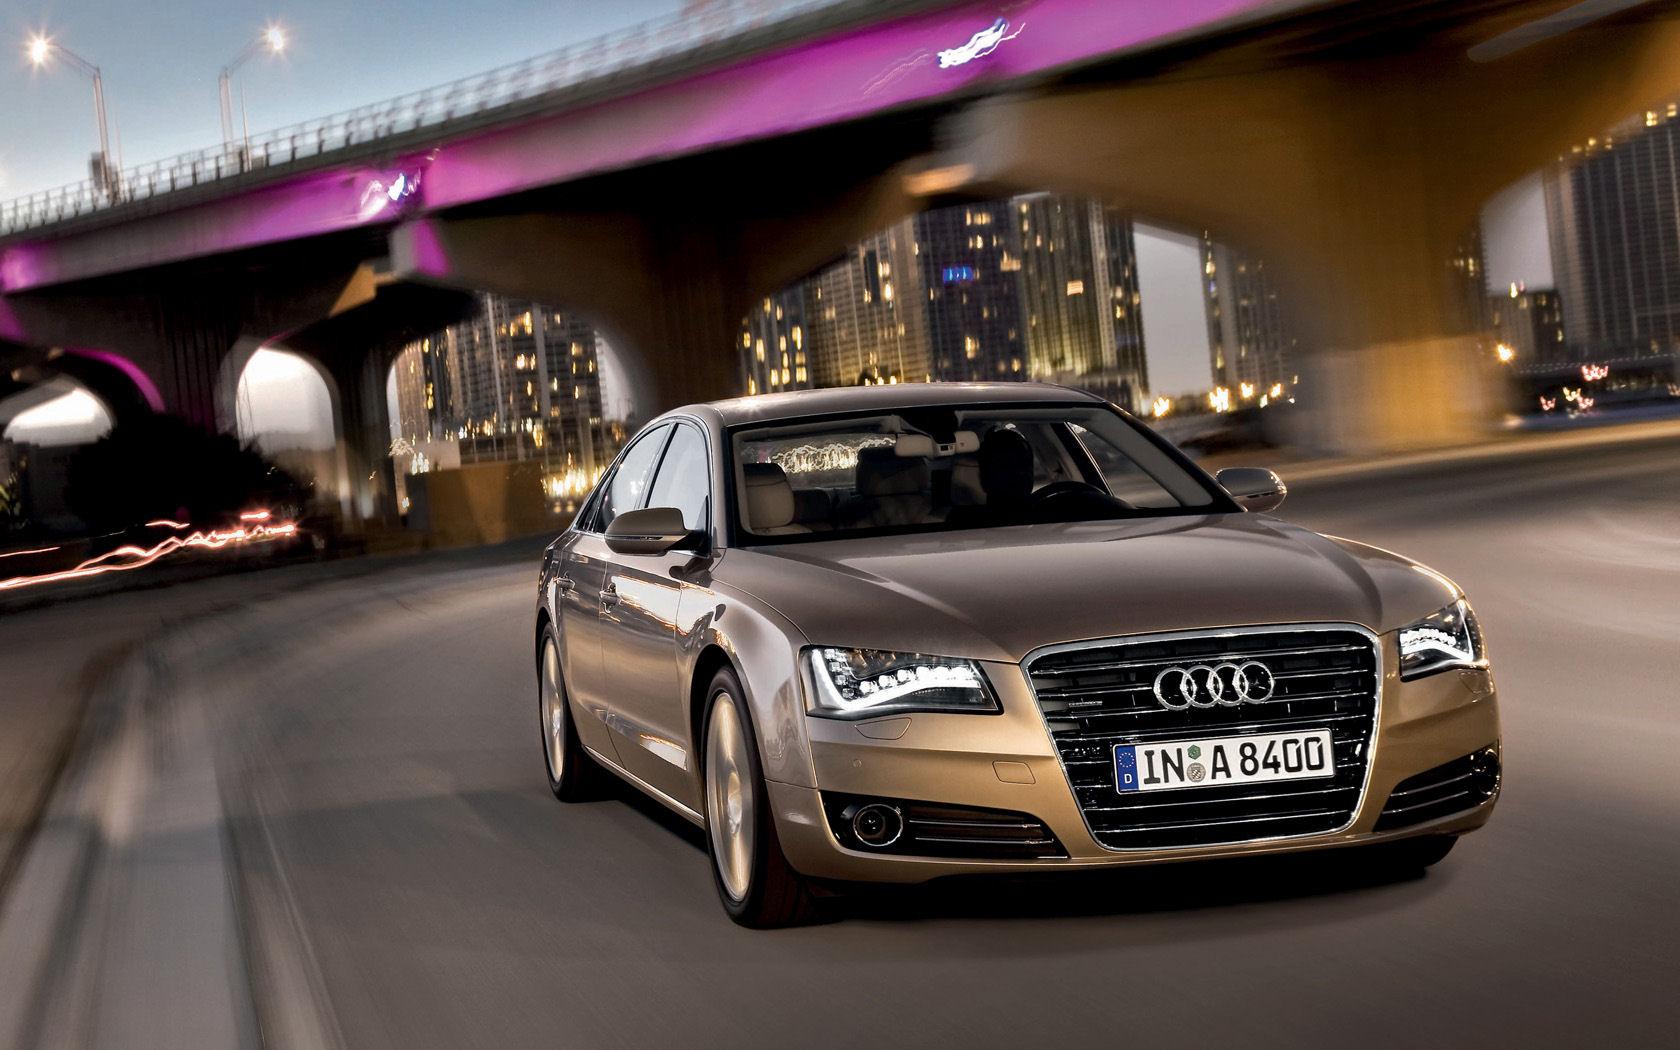 Audi A8 A8l 4 2 W12 S8 Quattro Free Widescreen